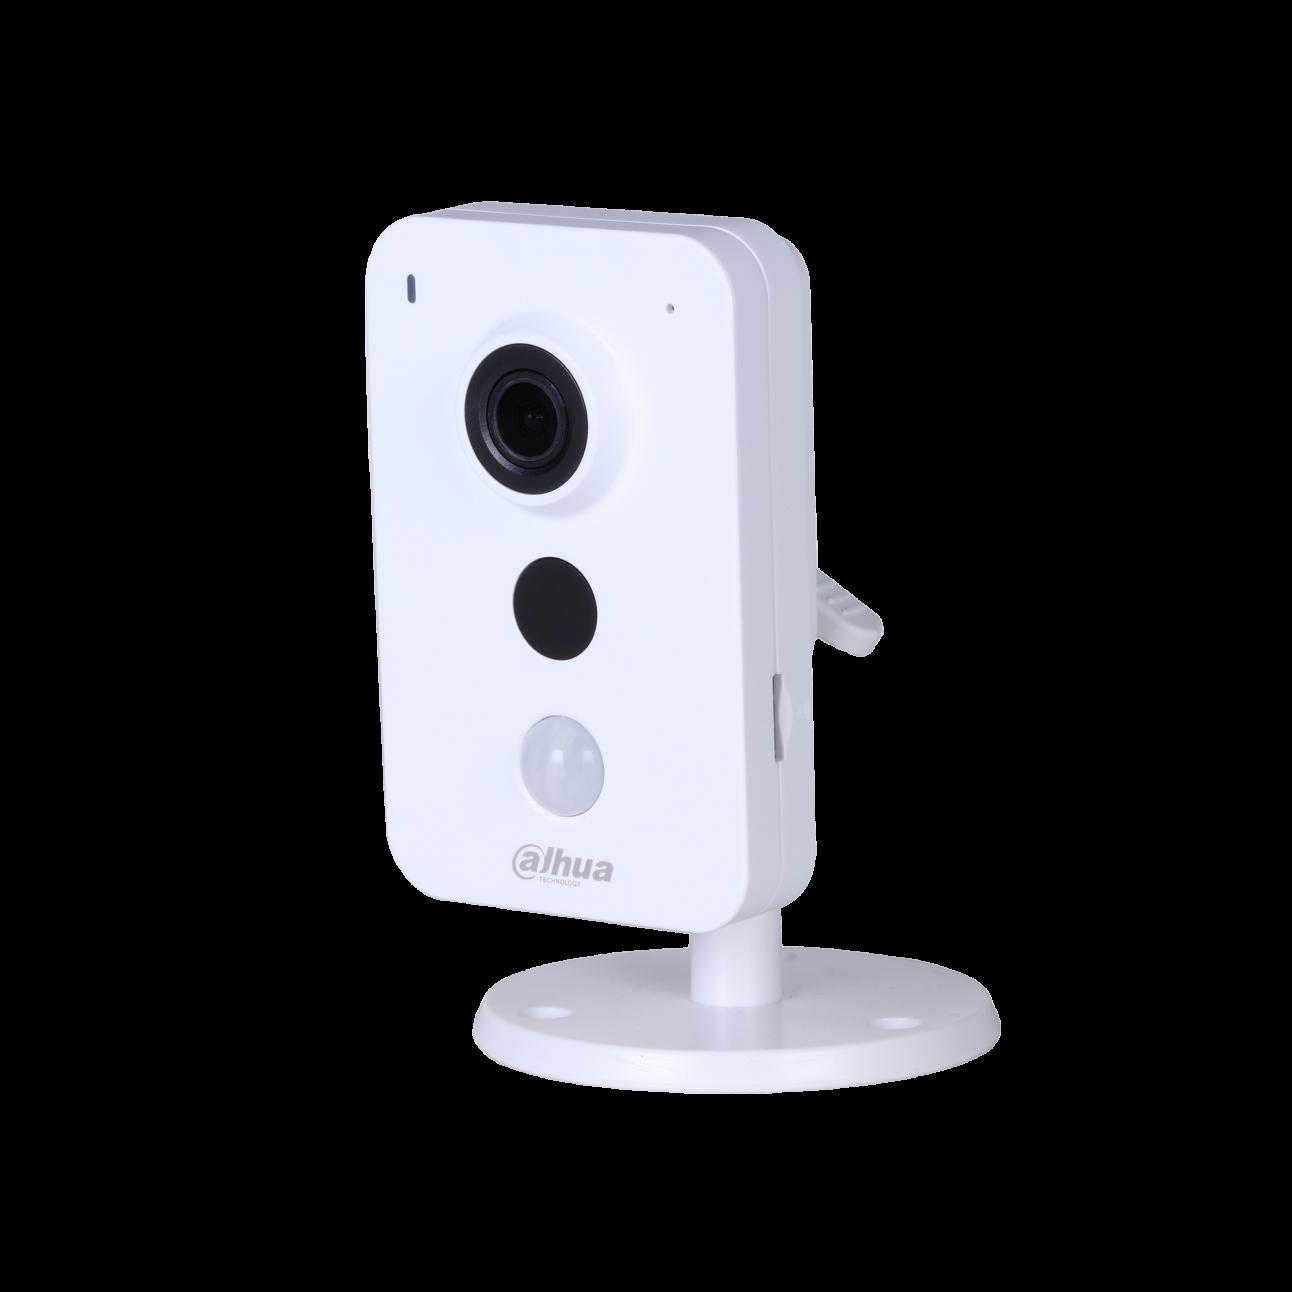 Wi-Fi камера Dahua DH-IPC-K35P миникуб 3Мп, объектив 2.8мм, 12В, microSD, встр. микрофон/динамик, DWDR, ИК до 10м